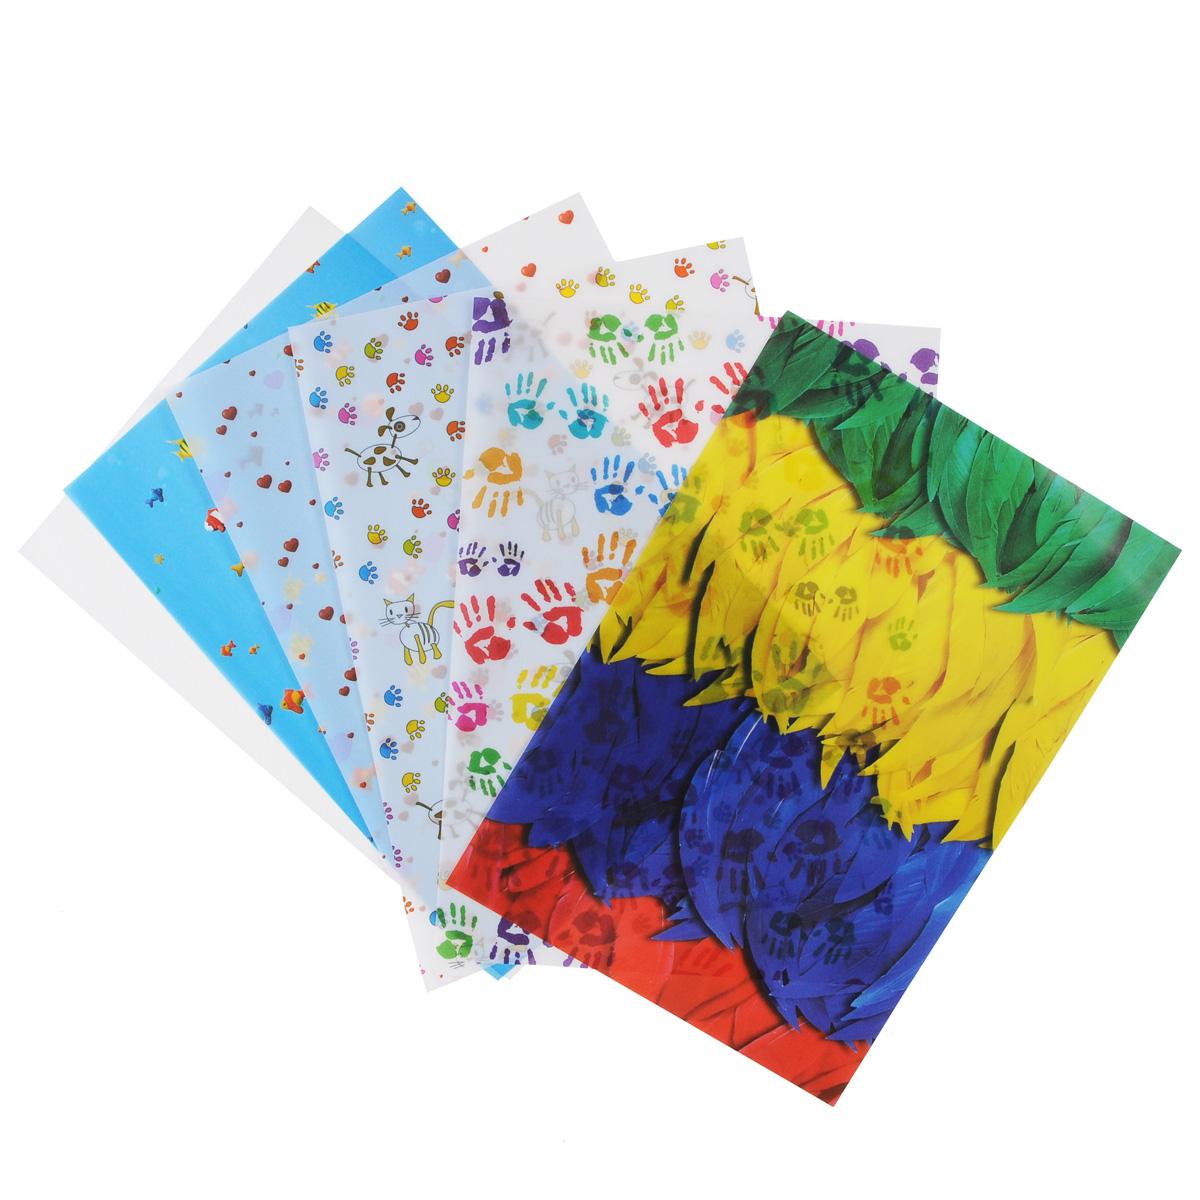 Транспарентная бумага Folia Молодость, 23 x 33 см, 5 листов7708093Транспарентная бумага Folia Молодость - полупрозрачная бумага с различными красивыми изображениями. Используется для изготовления открыток, для скрапбукинга и других декоративных или дизайнерских работ. Бумага прекрасно держит форму, не пачкает руки, отлично крепится. Конструирование из транспарентной бумаги - необходимый для развития детей процесс. Во время занятия аппликацией ребенок сумеет разработать четкость движений, ловкость пальцев, аккуратность и внимательность. Кроме того, транспарентная бумага позволит разнообразить идеи ребенка при создании творческих работ.